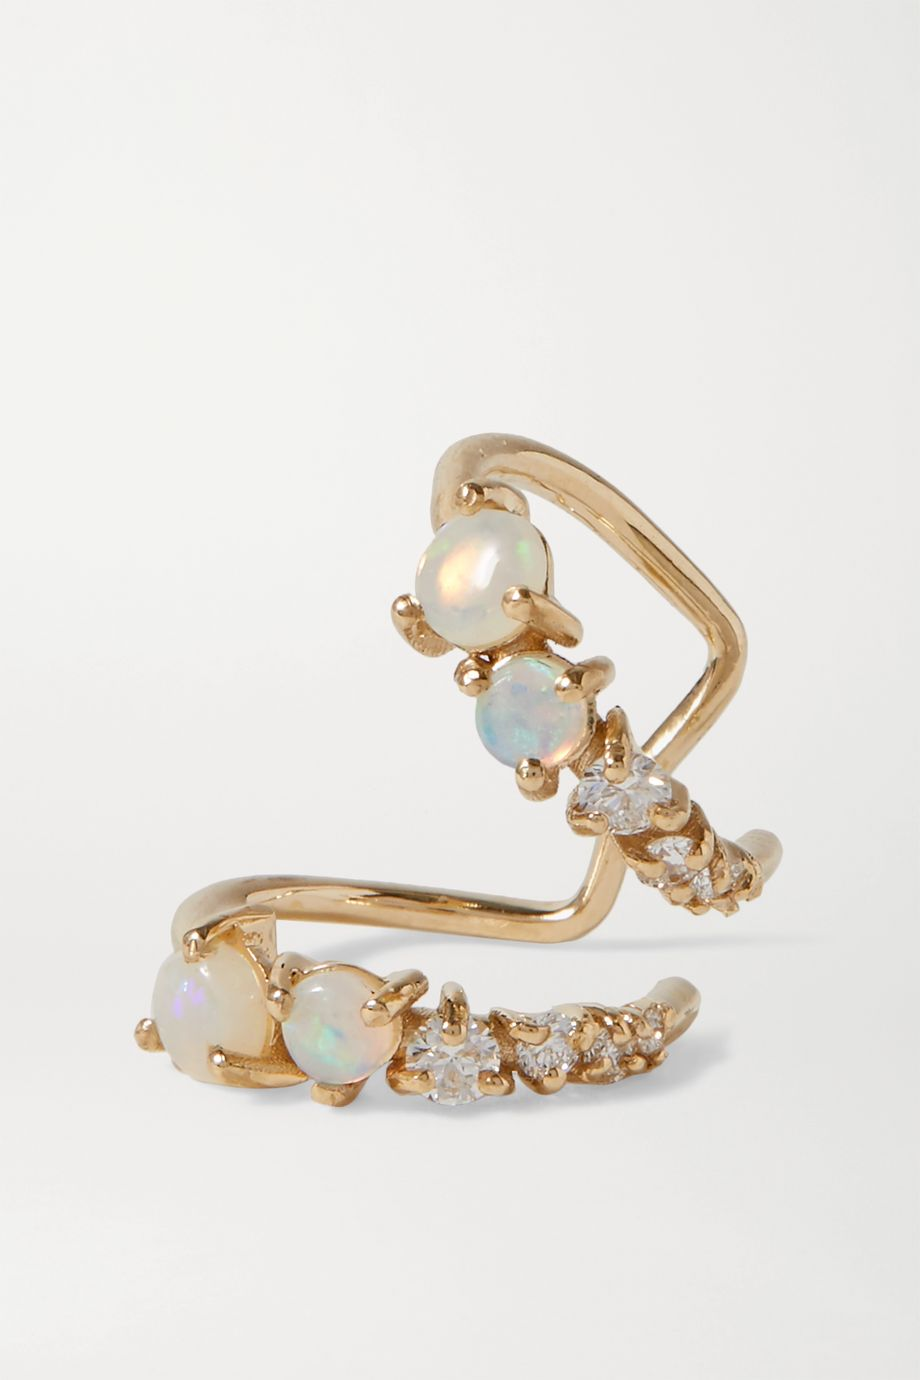 SARAH & SEBASTIAN Chroma 黄金、蛋白石、钻石单只耳骨夹